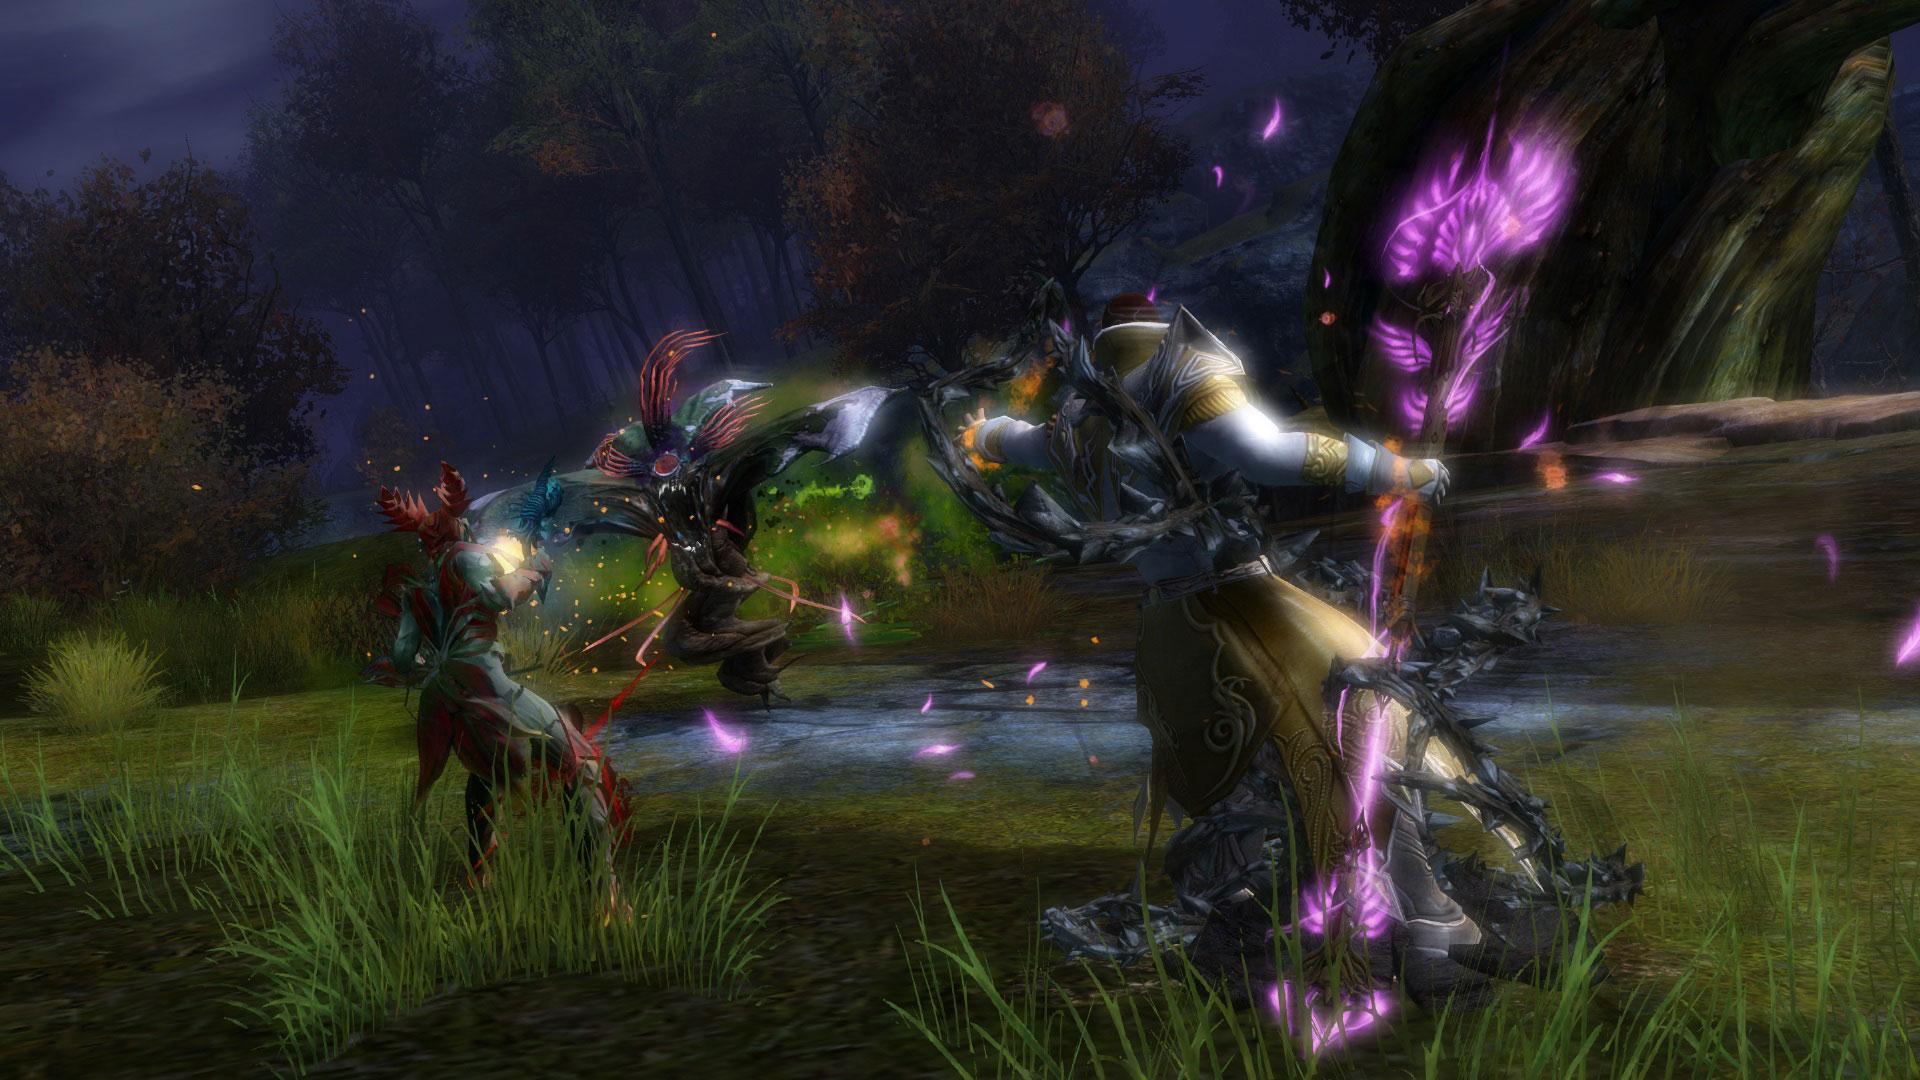 Игроки, которые приобрели guild wars 2: heart of thorns